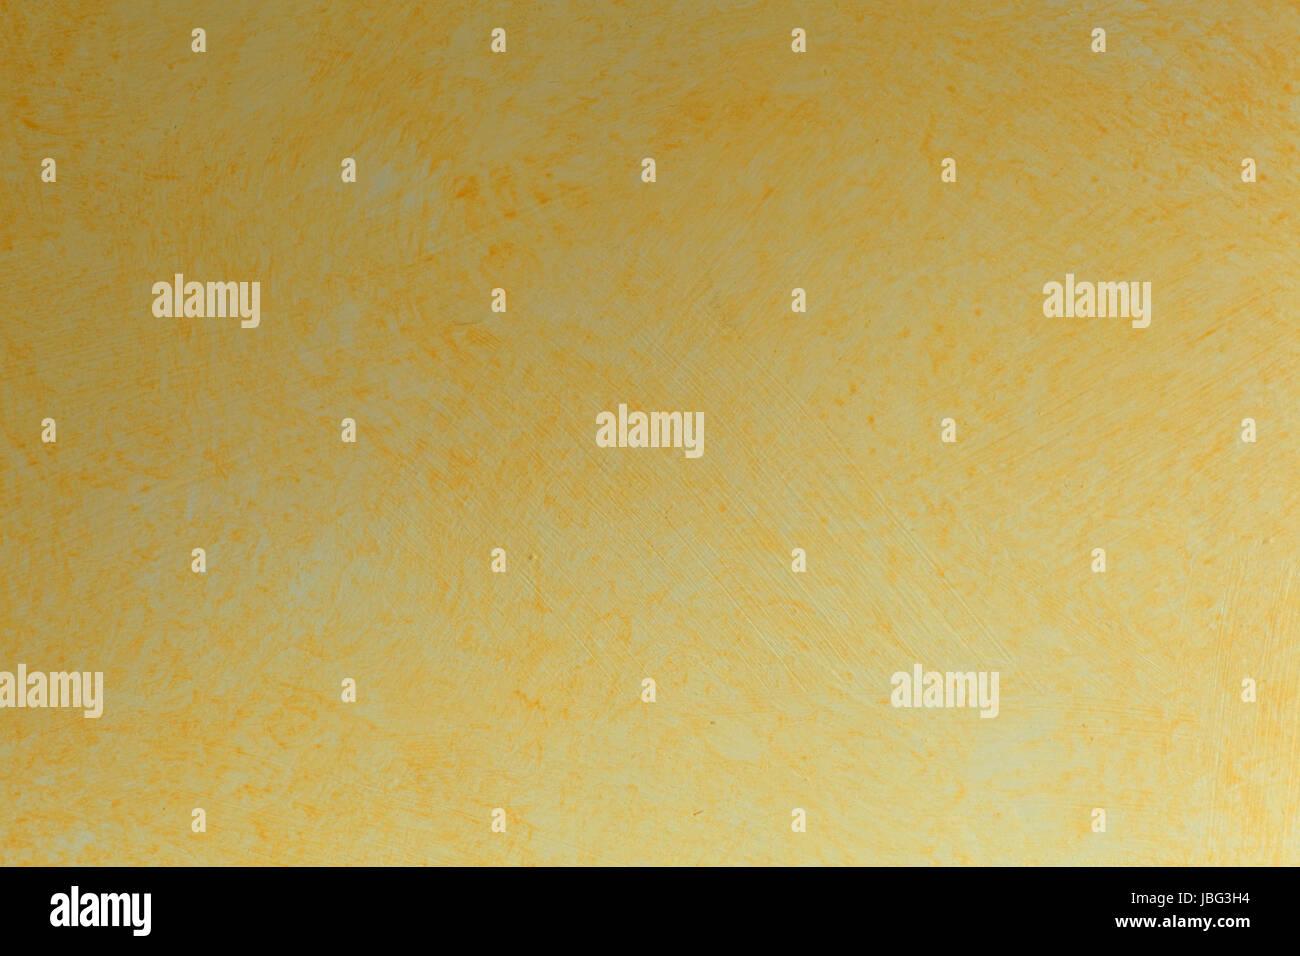 Naturschwamm Lasurtechnik auf einer Wand, mit orange und gelb. - Stock Image